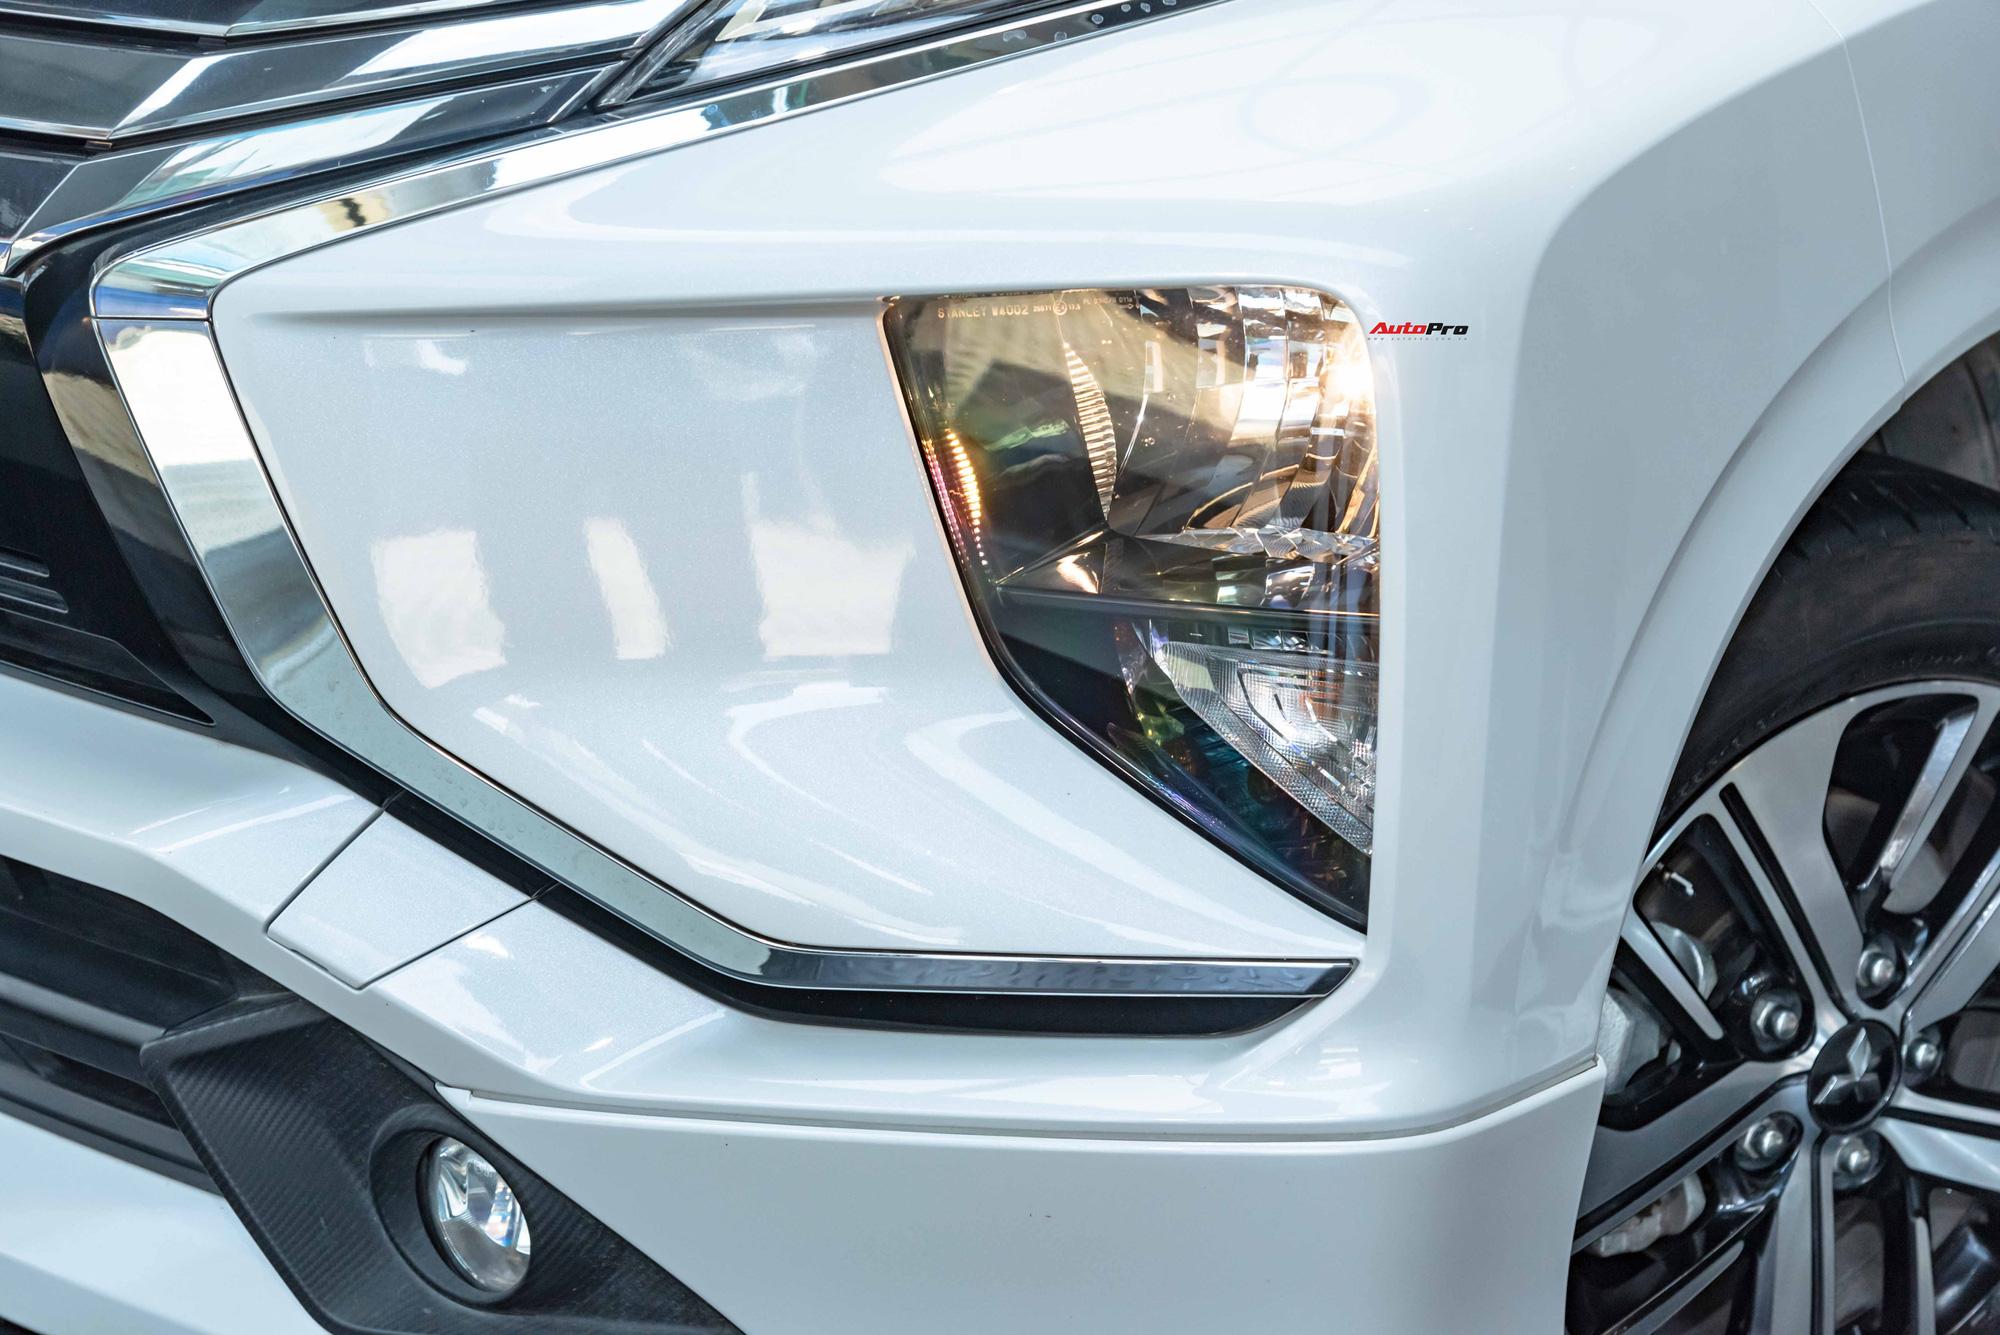 Ra mắt Mitsubishi Xpander 2020: Đánh giá 8 điểm mới, tăng 10 triệu nhưng tặng lại 10 triệu, rộng đường giữ ngôi vua MPV-3